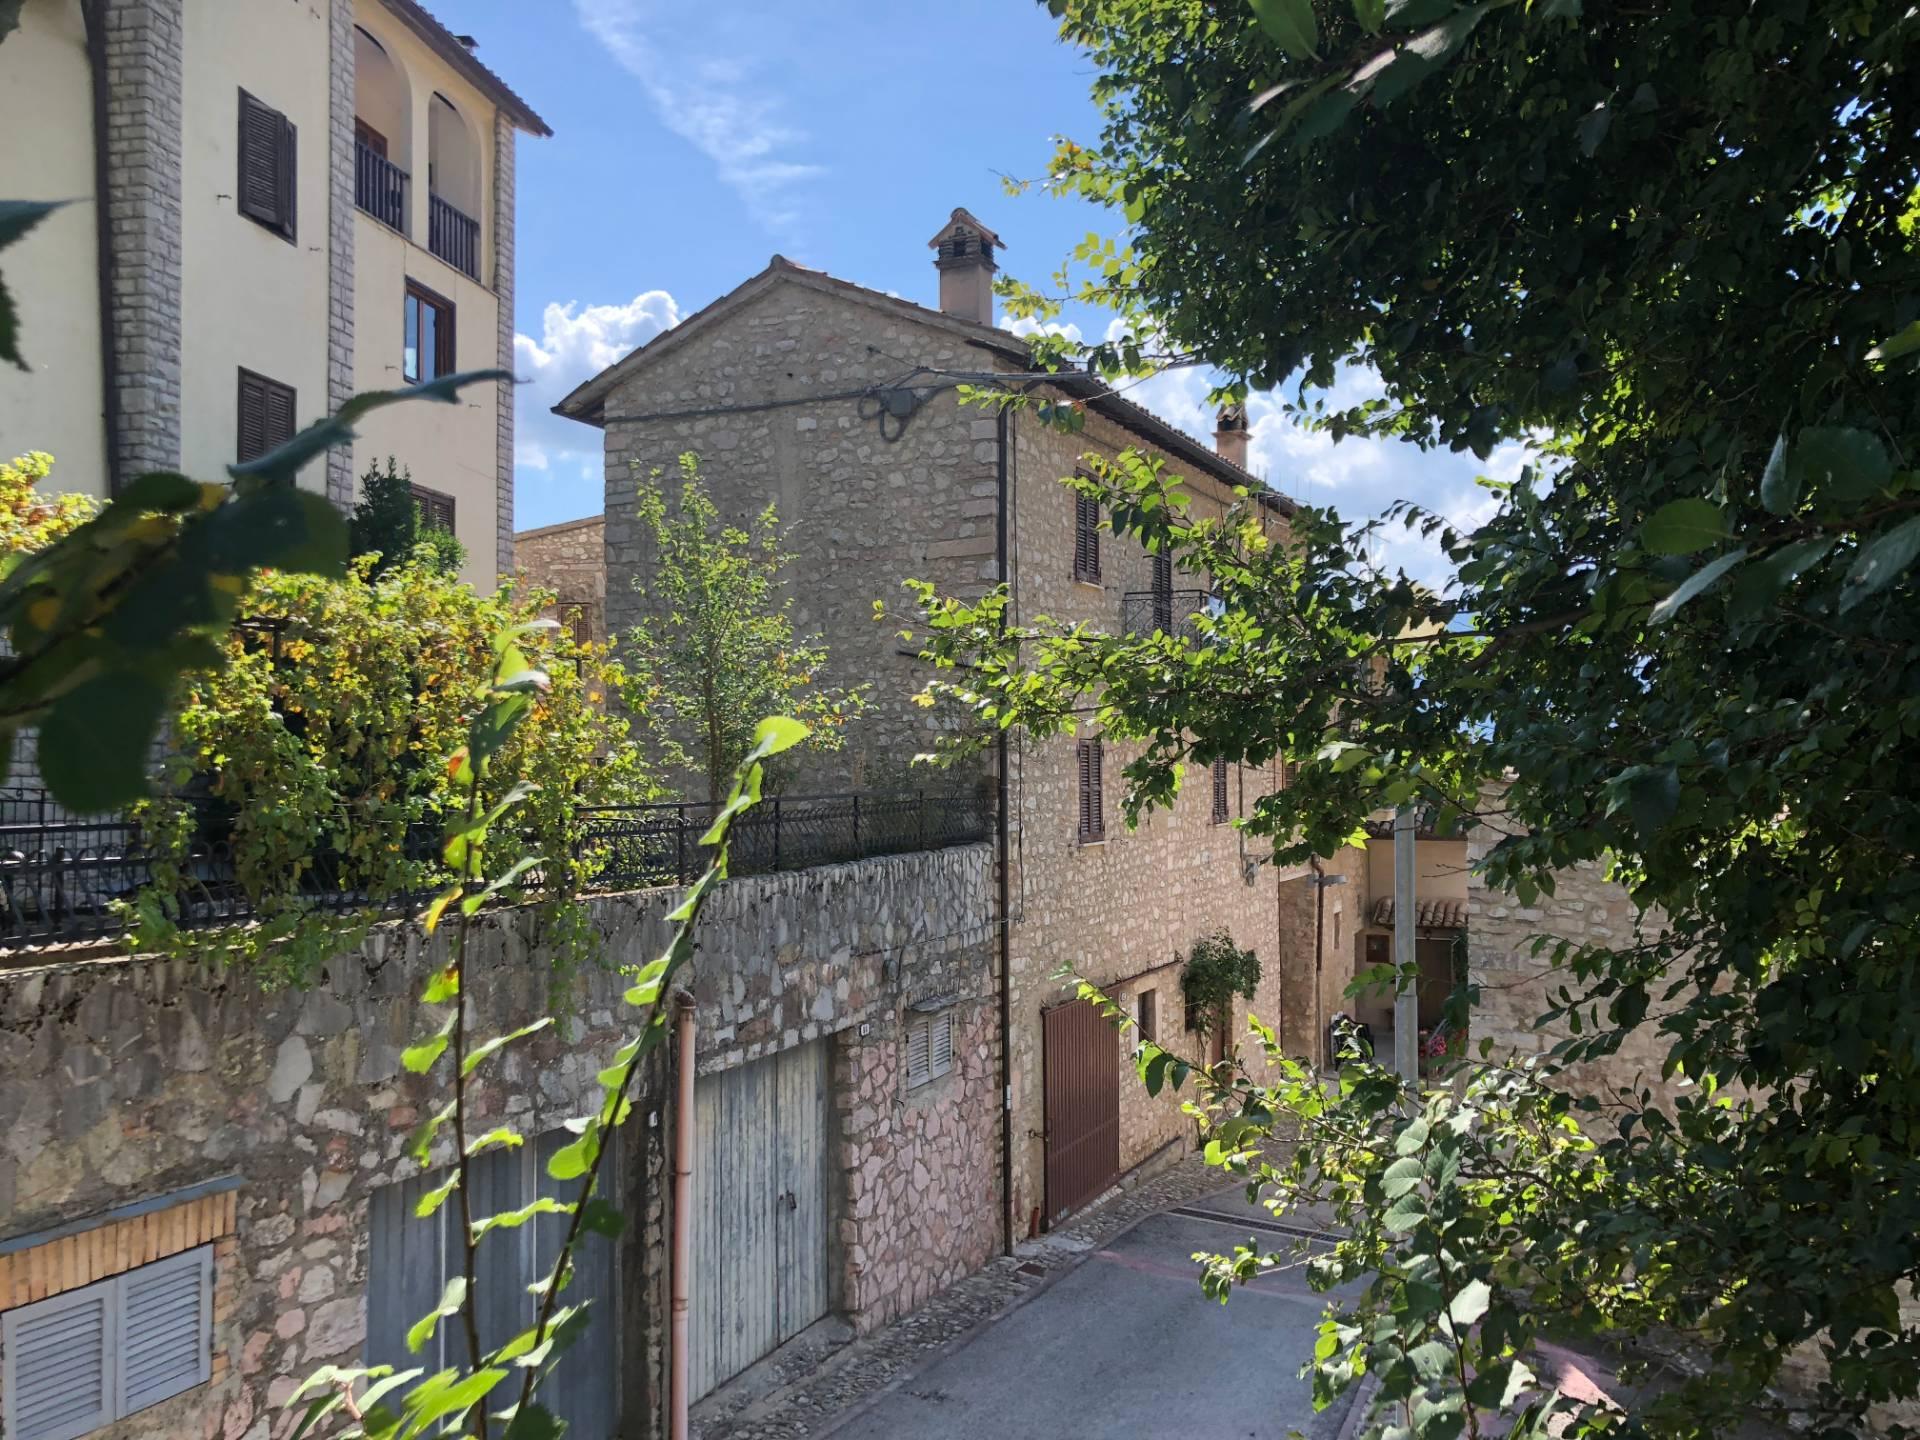 Rustico / Casale in vendita a Vallo di Nera, 5 locali, zona Zona: Meggiano, prezzo € 55.000 | CambioCasa.it